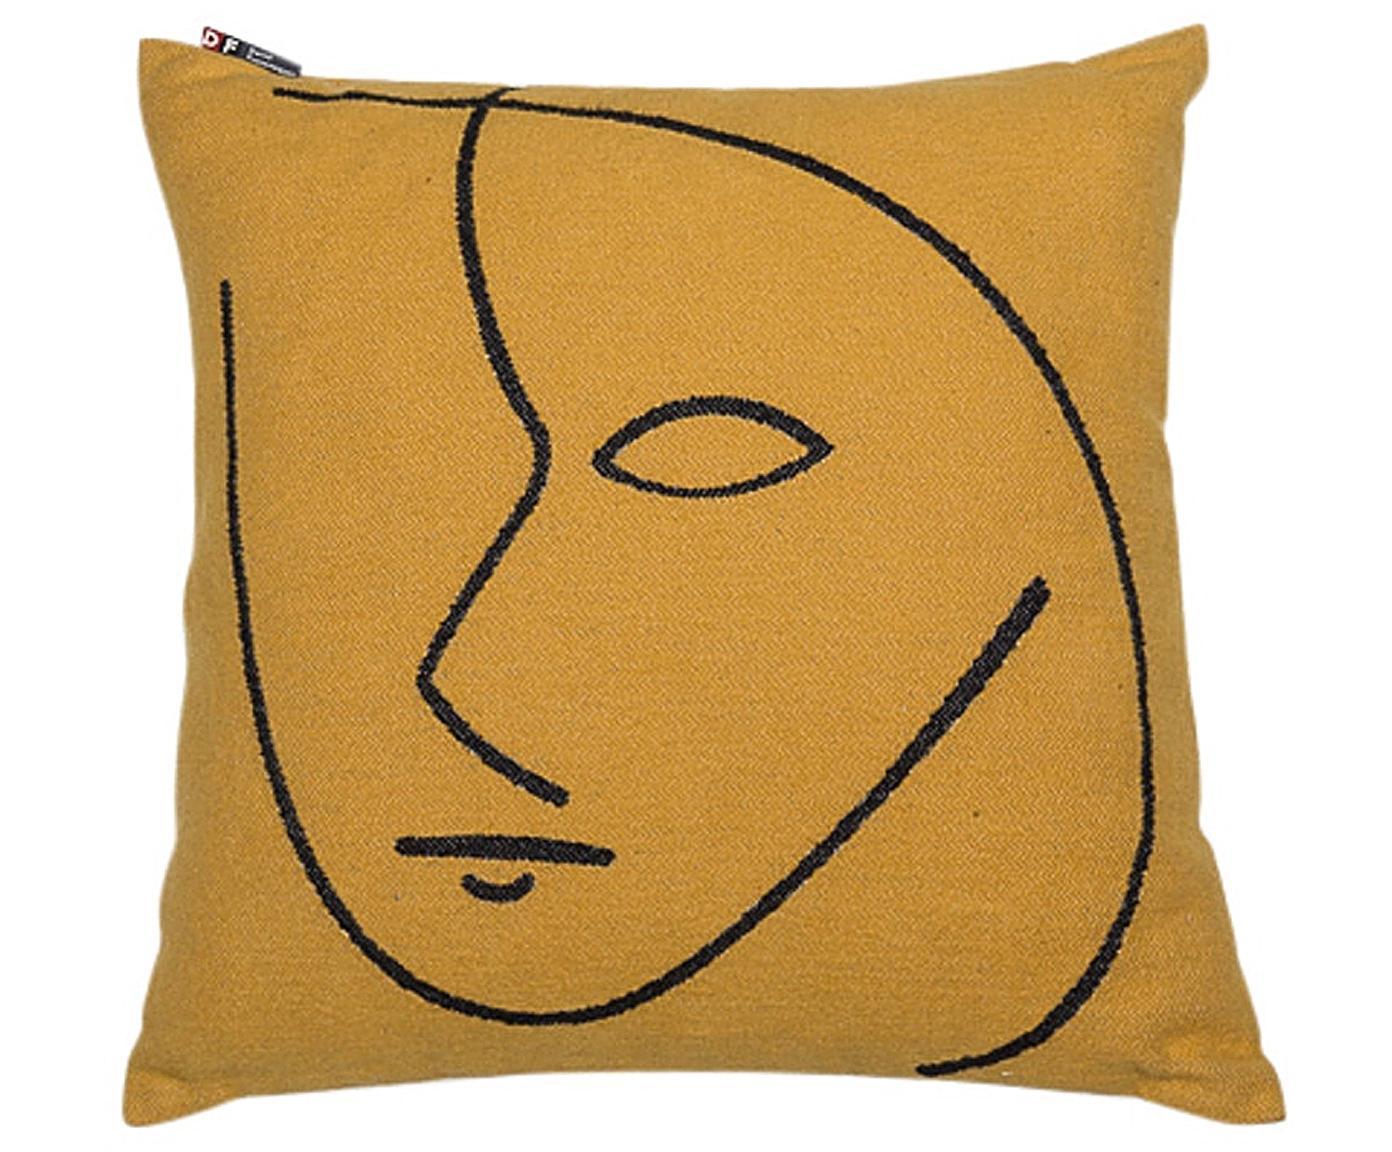 Cojín Nova Face, con relleno, Tapizado: 85%algodón, 8%viscosa, , Amarillo, negro, An 50 x L 50 cm